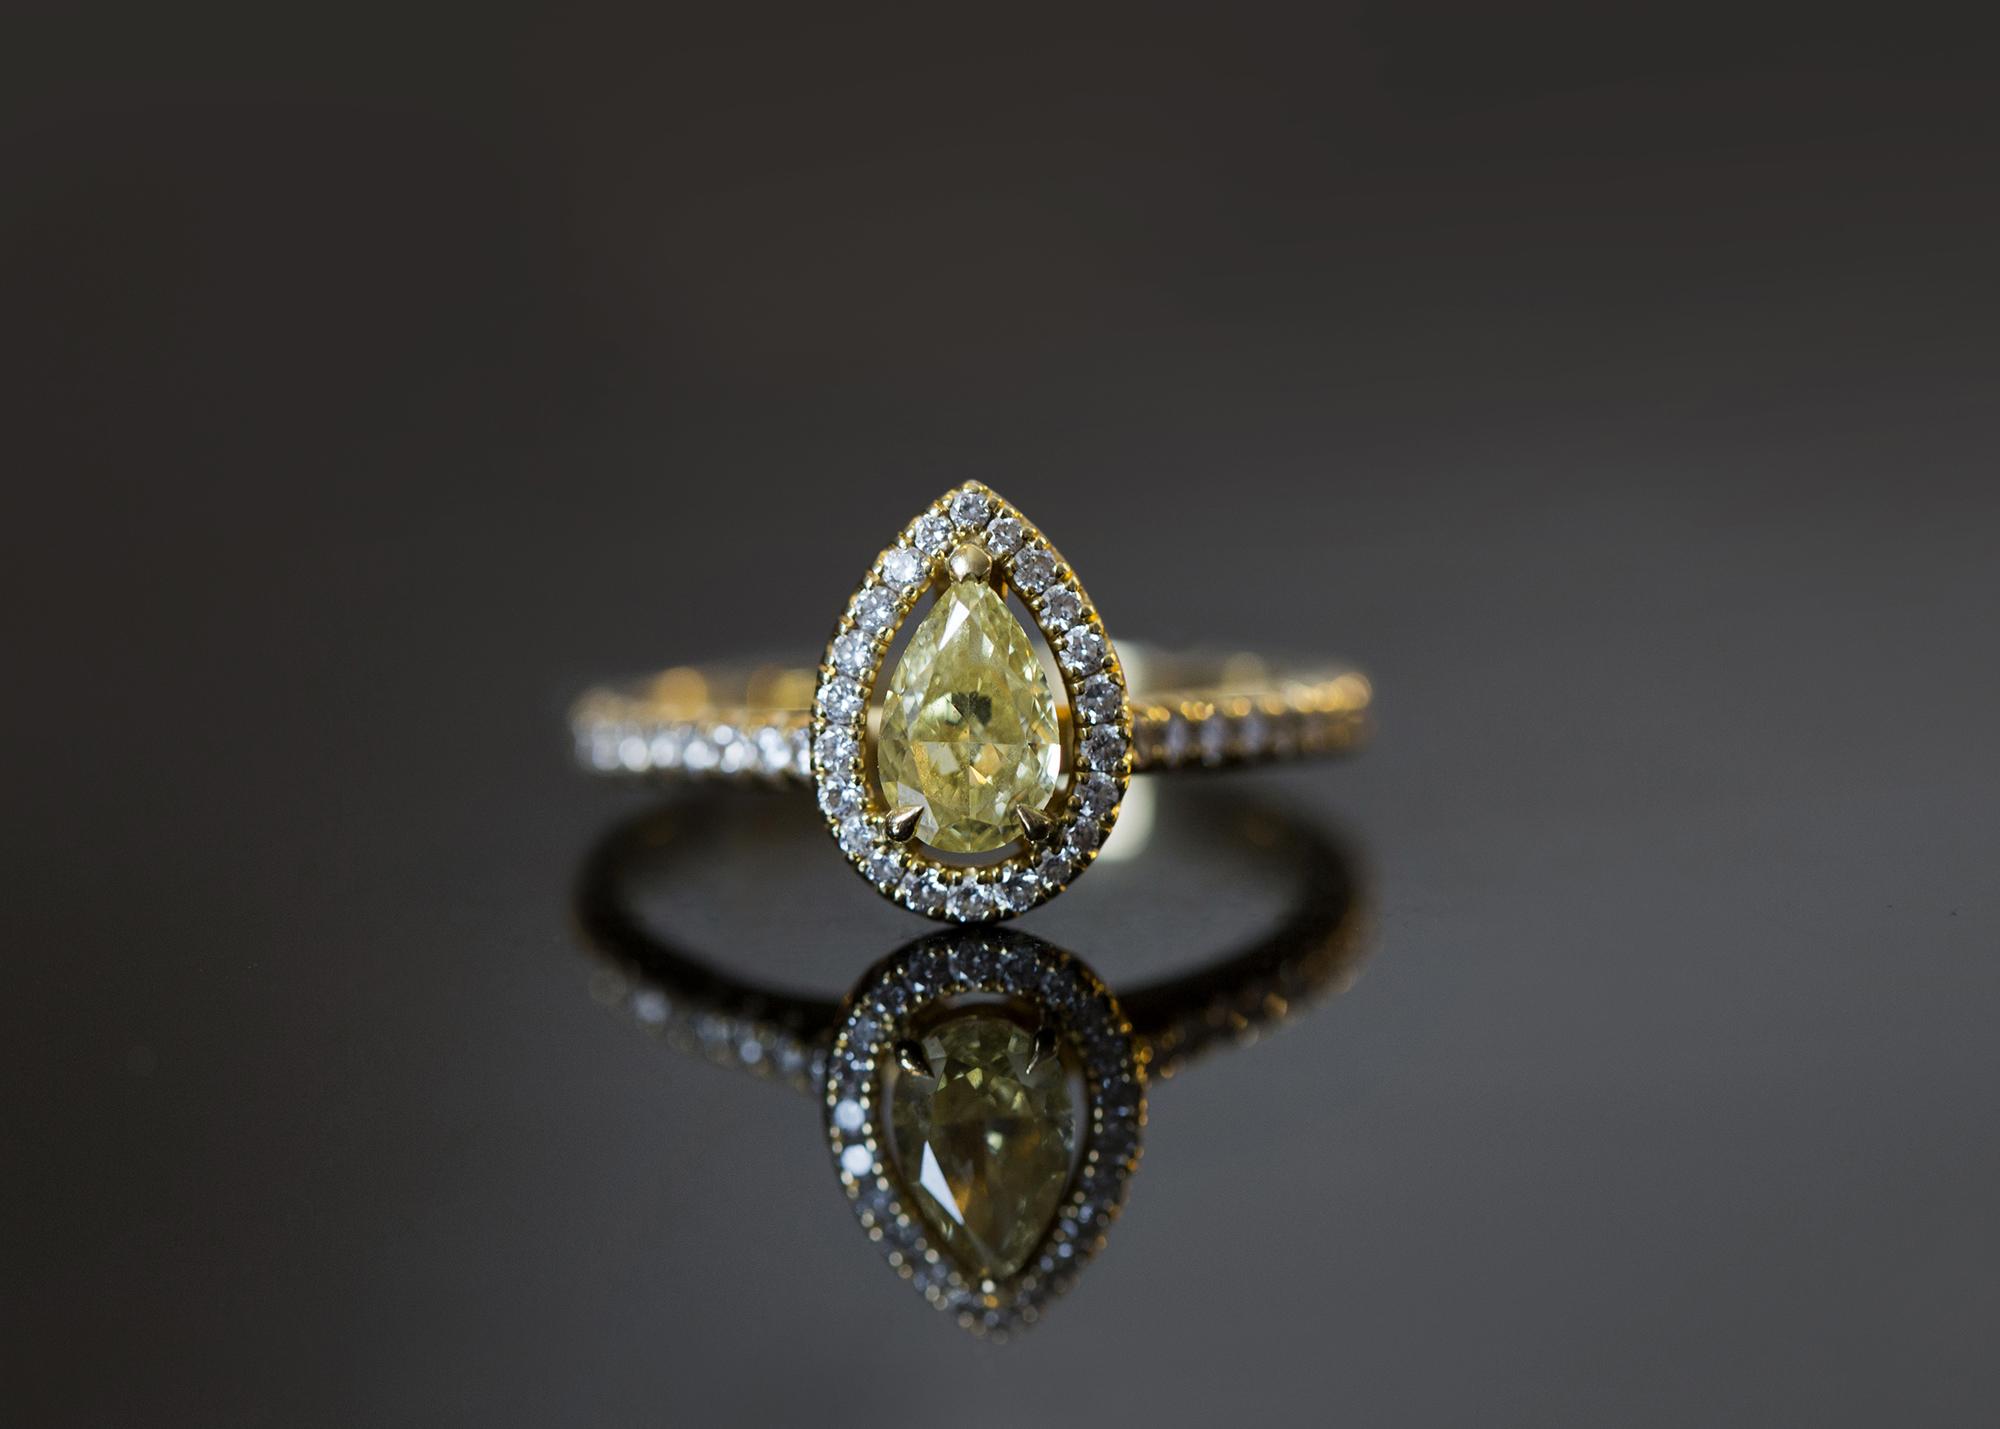 Trafalgar-Tavern-Greenwich-Wedding-Charlott-King-Photography (2)